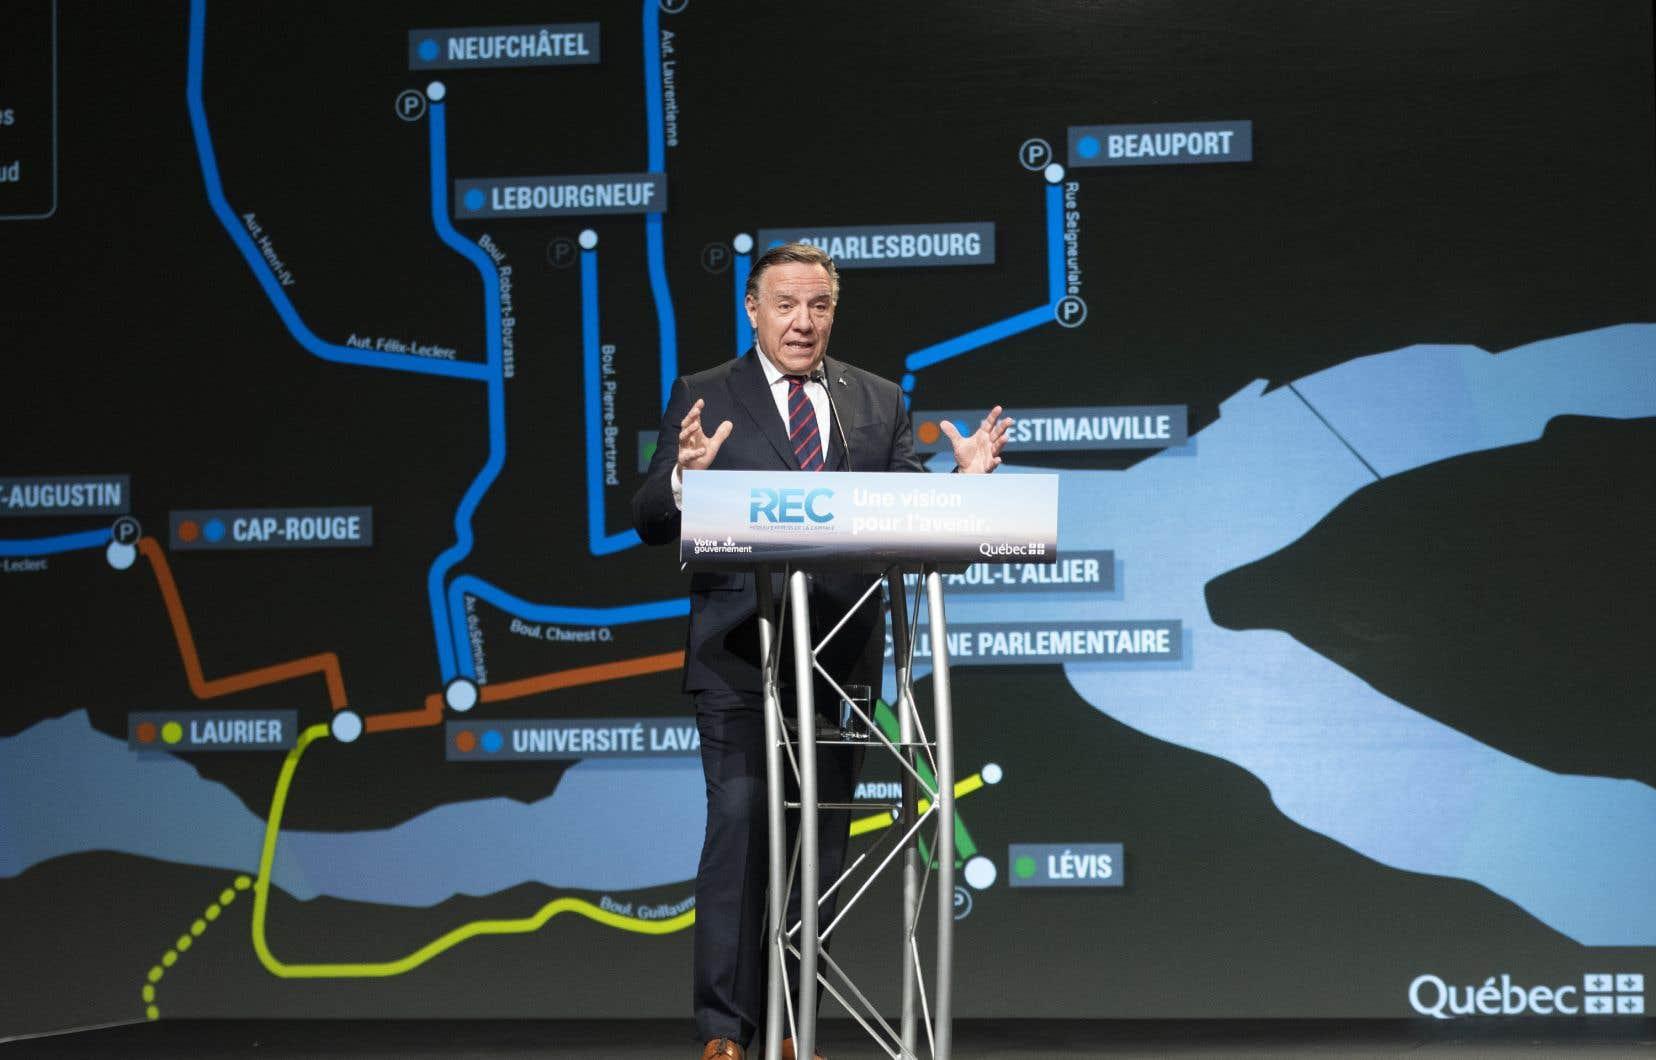 «Il y a des gens qui vont dire que c'est beaucoup d'argent, mais c'est absolument nécessaire pour Québec, Lévis, la Rive-Sud, une bonne partie de Chaudière-Appalaches et pour l'est du Québec», a déclaré le premier ministre François Legault.